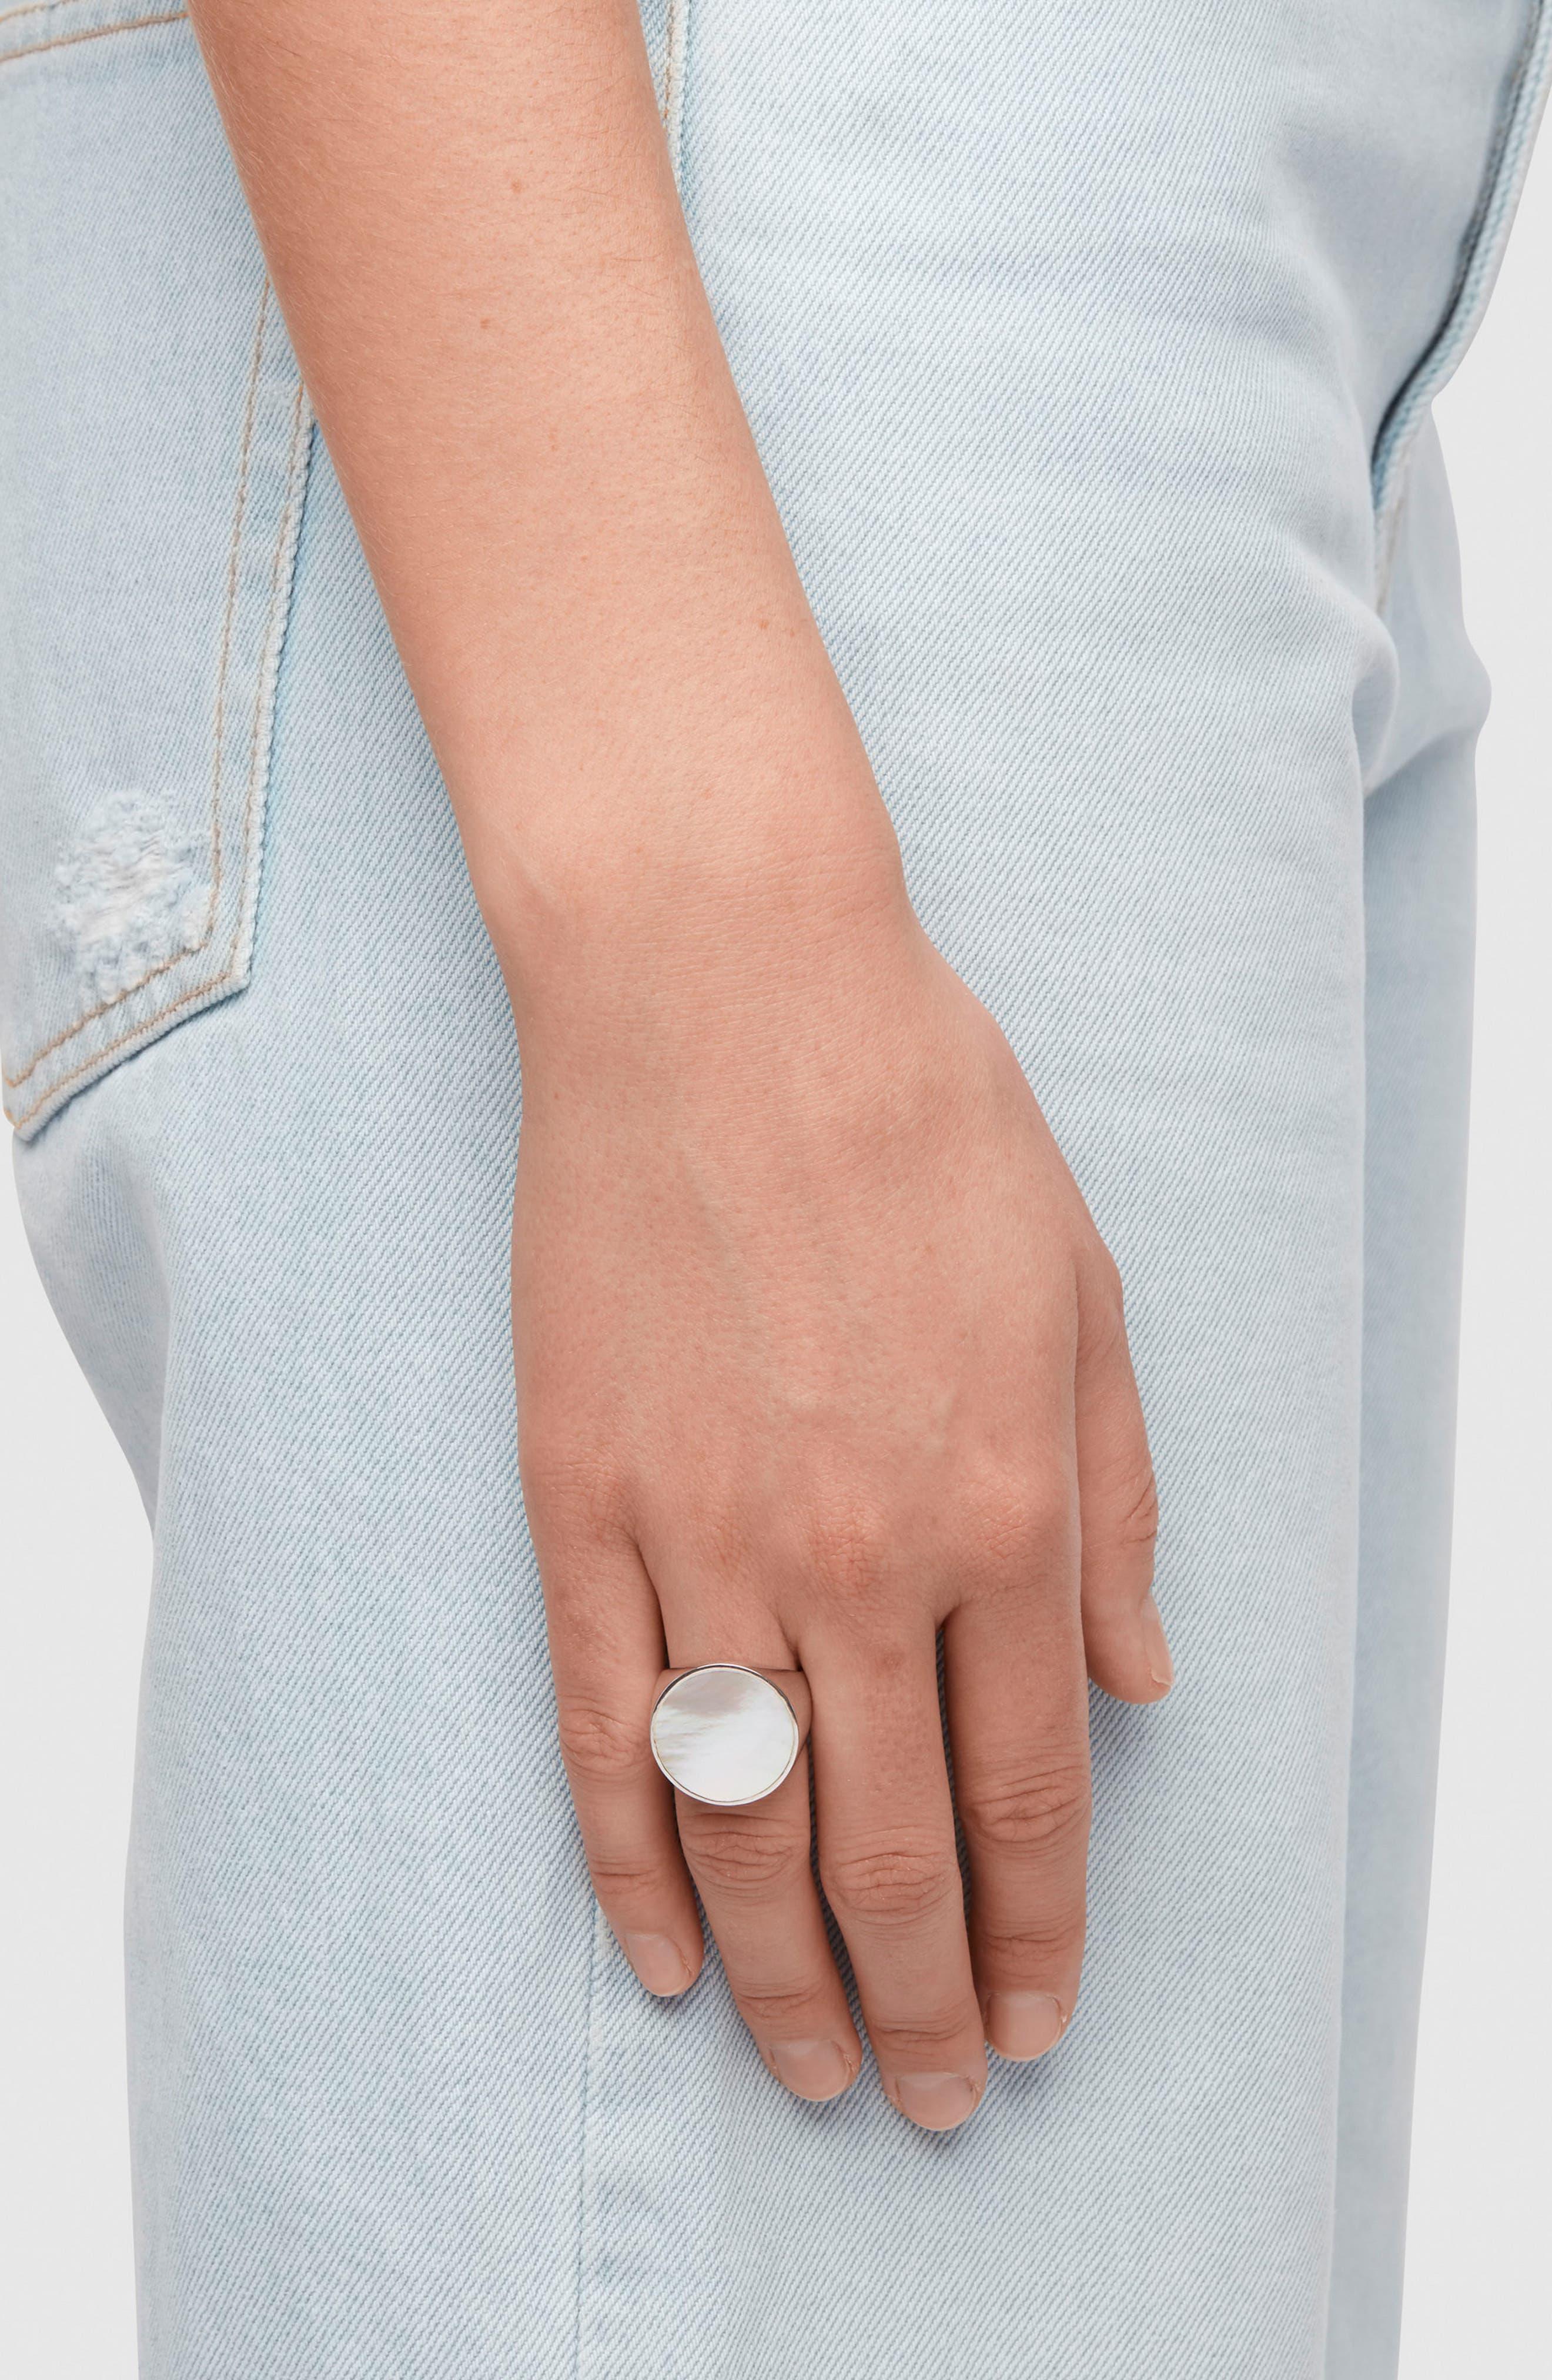 Flush White Mother of Pearl Signet Ring,                             Alternate thumbnail 2, color,                             White